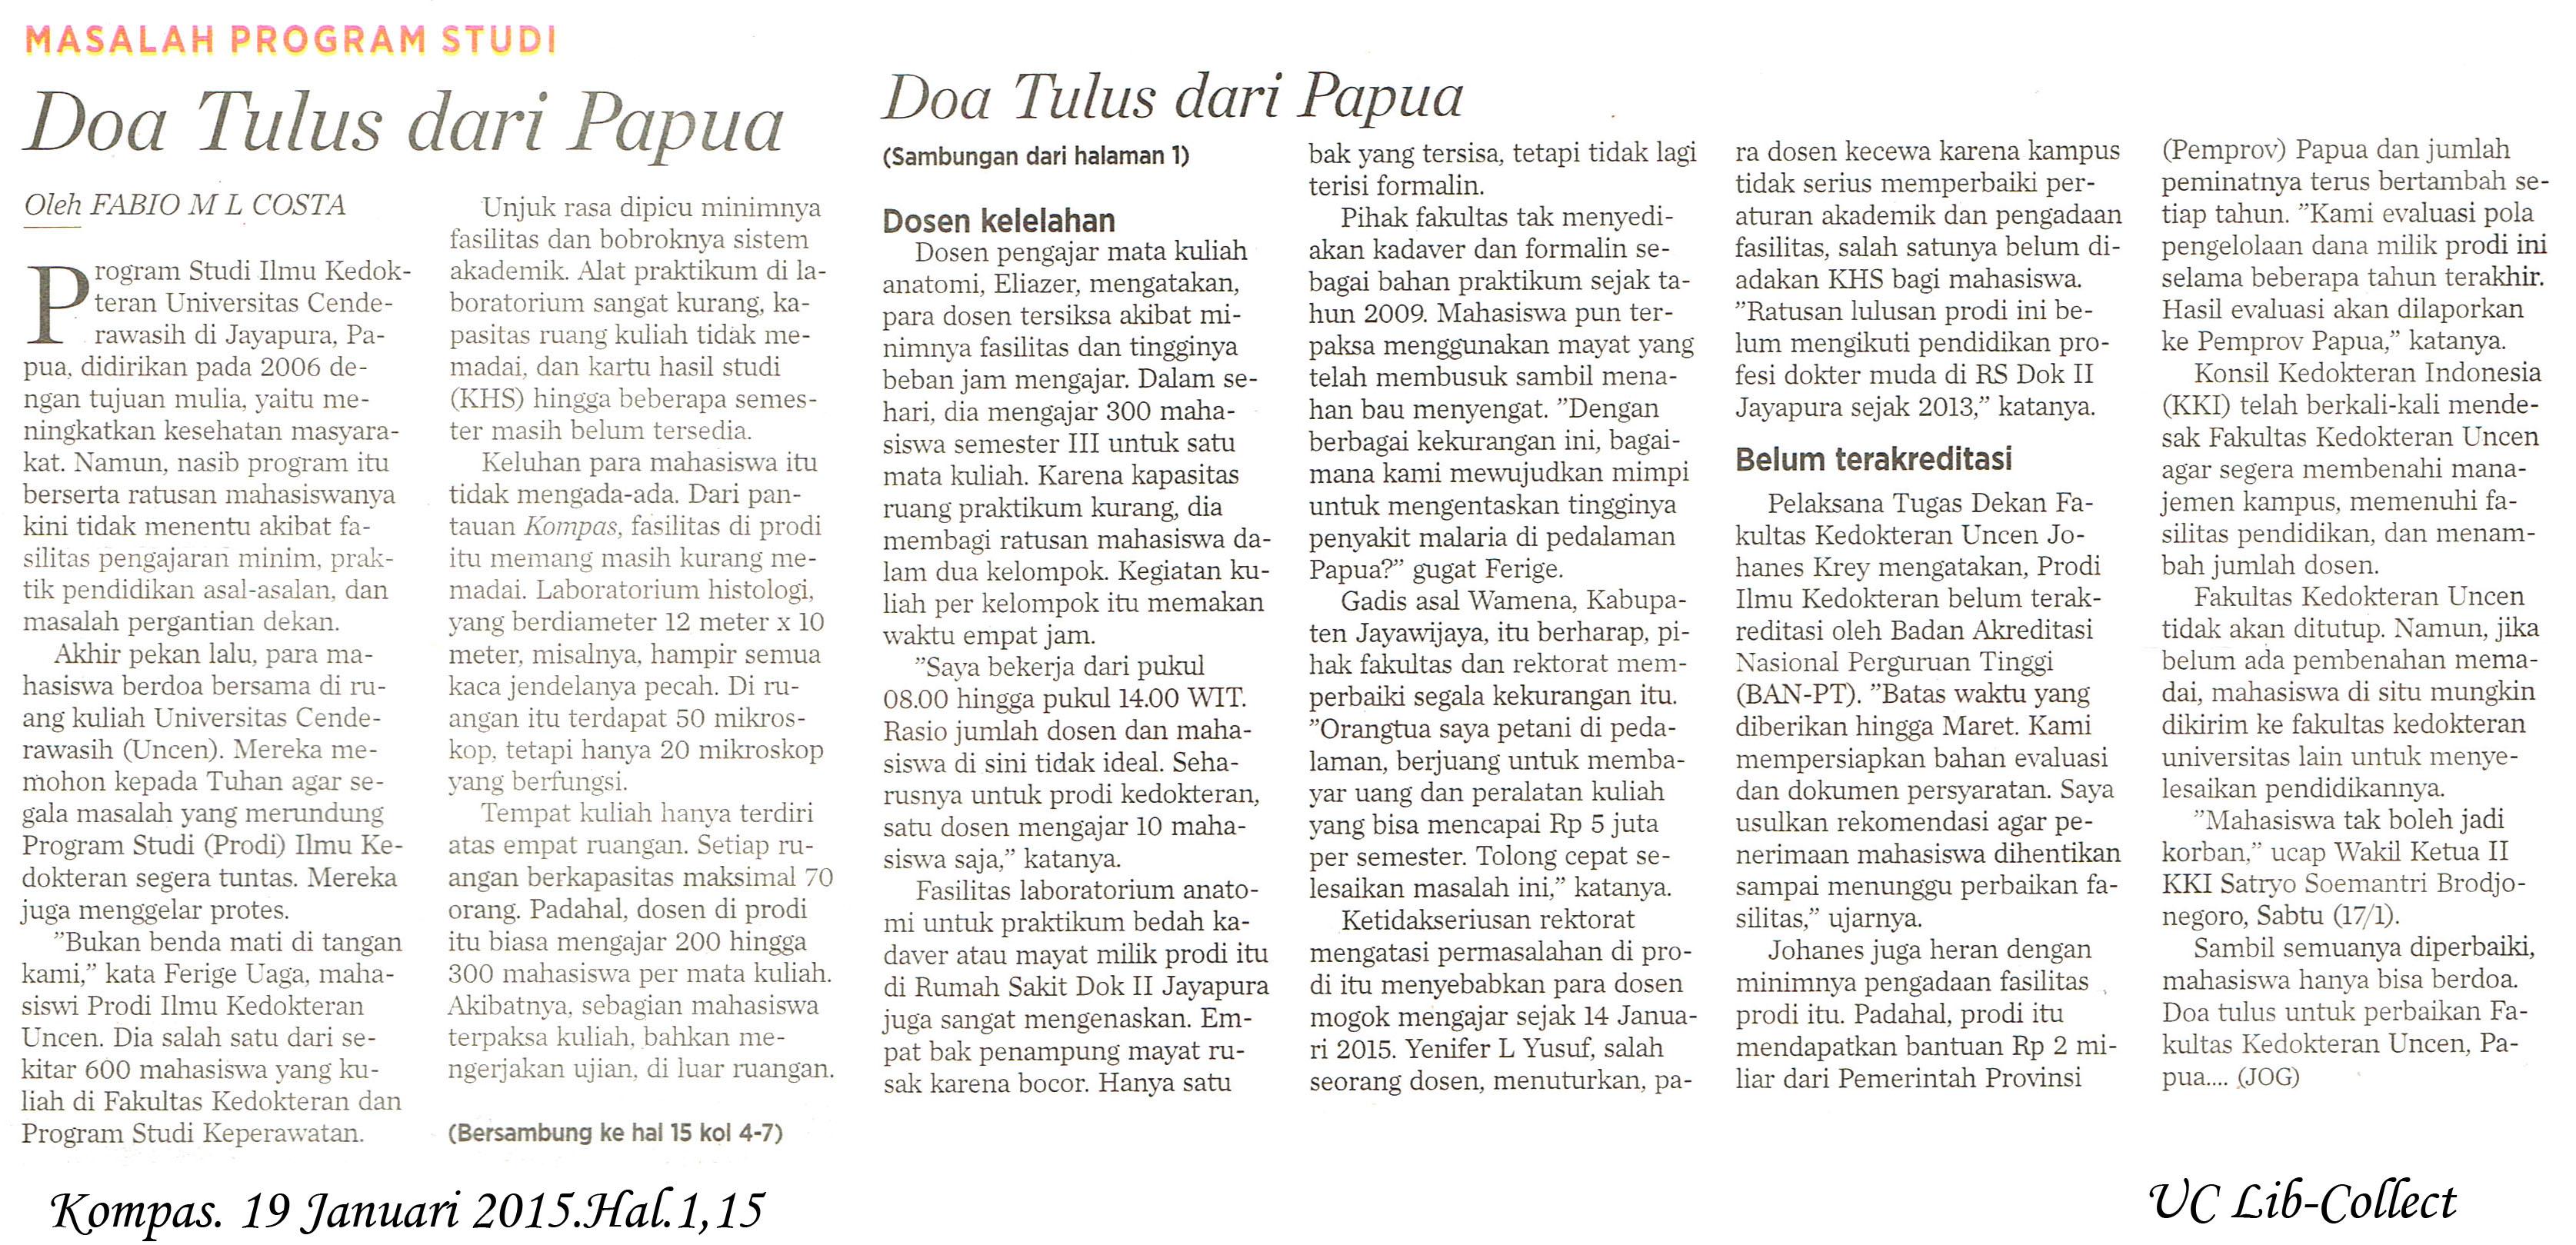 Masalah Program Studi Doa Tulus dari Papua Kompas 19 januari 2015 Hal 1